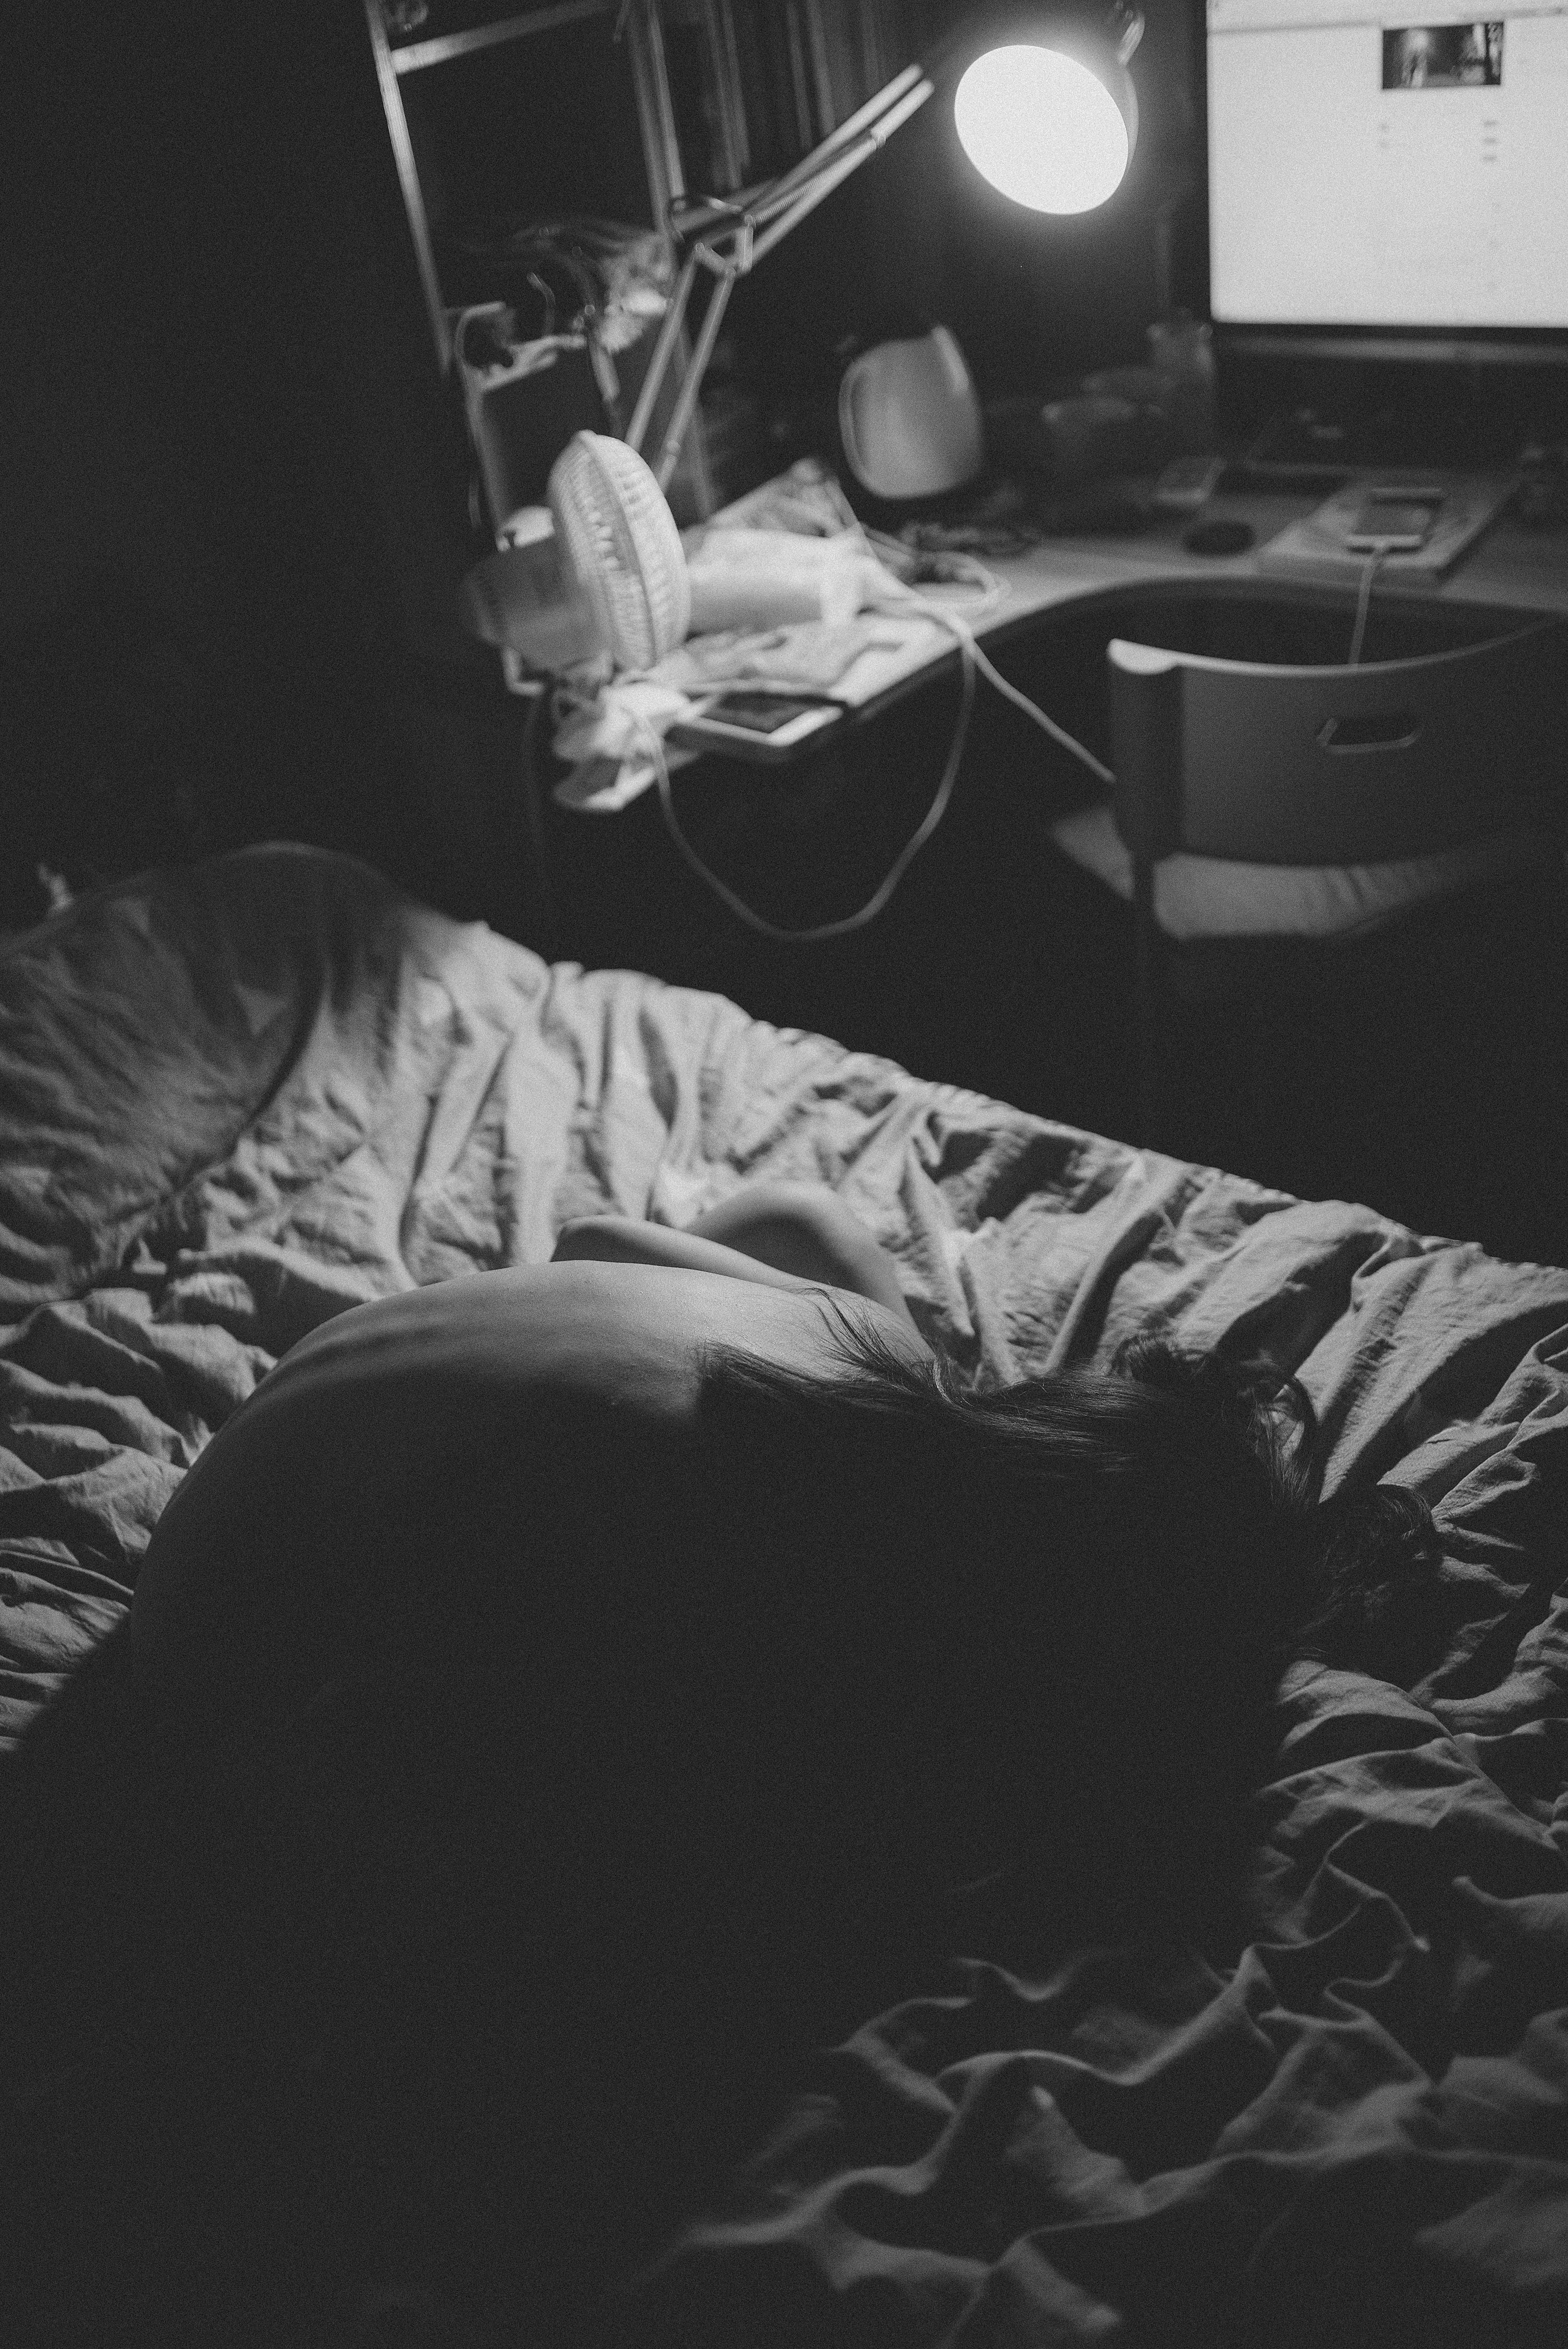 [Yuzuki] 柚木写真